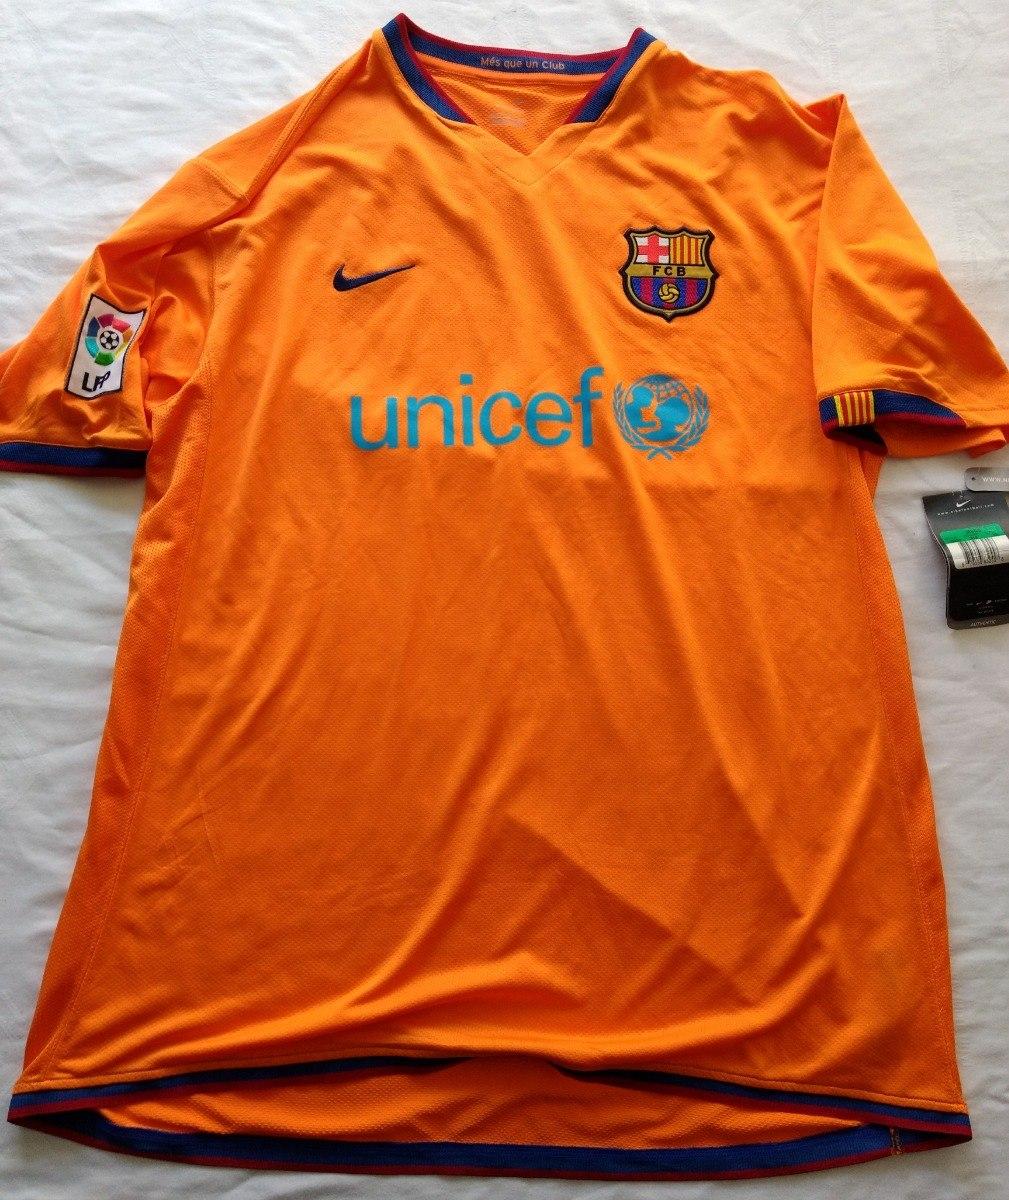 jersey playera barcelona barca nike naranja talla xl 2005. Cargando zoom. 3a890a64b73